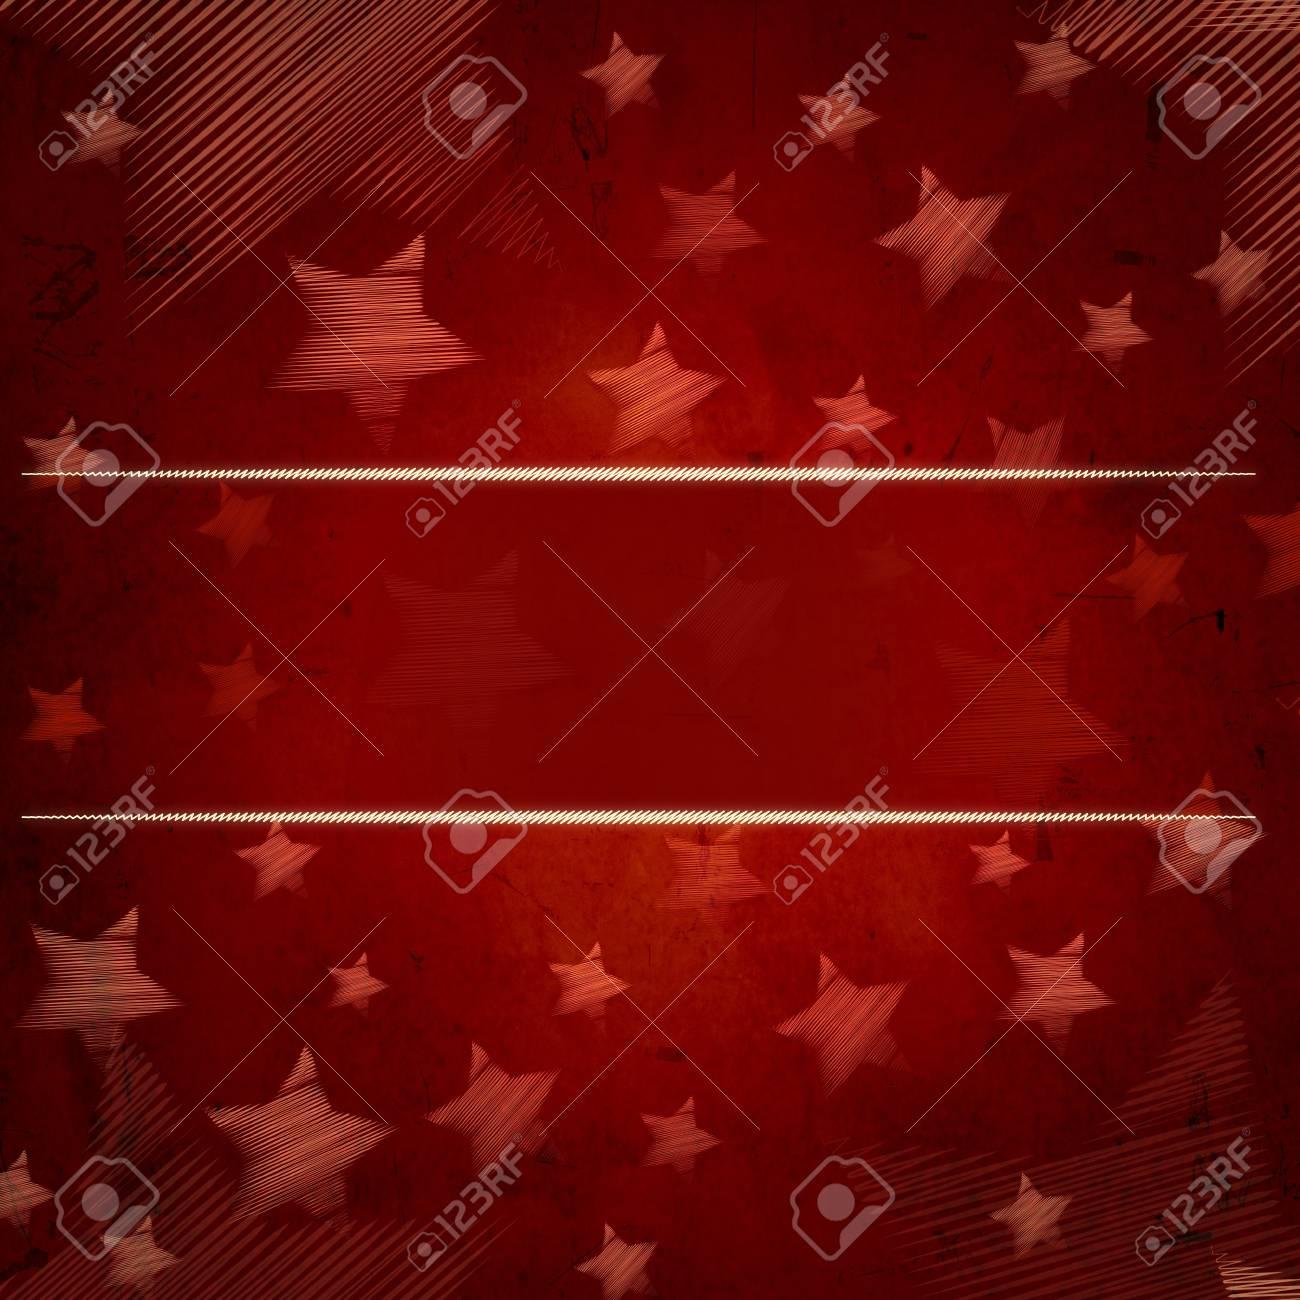 Abstracte Rode Achtergrond Met Geillustreerde Gestreepte Sterren En